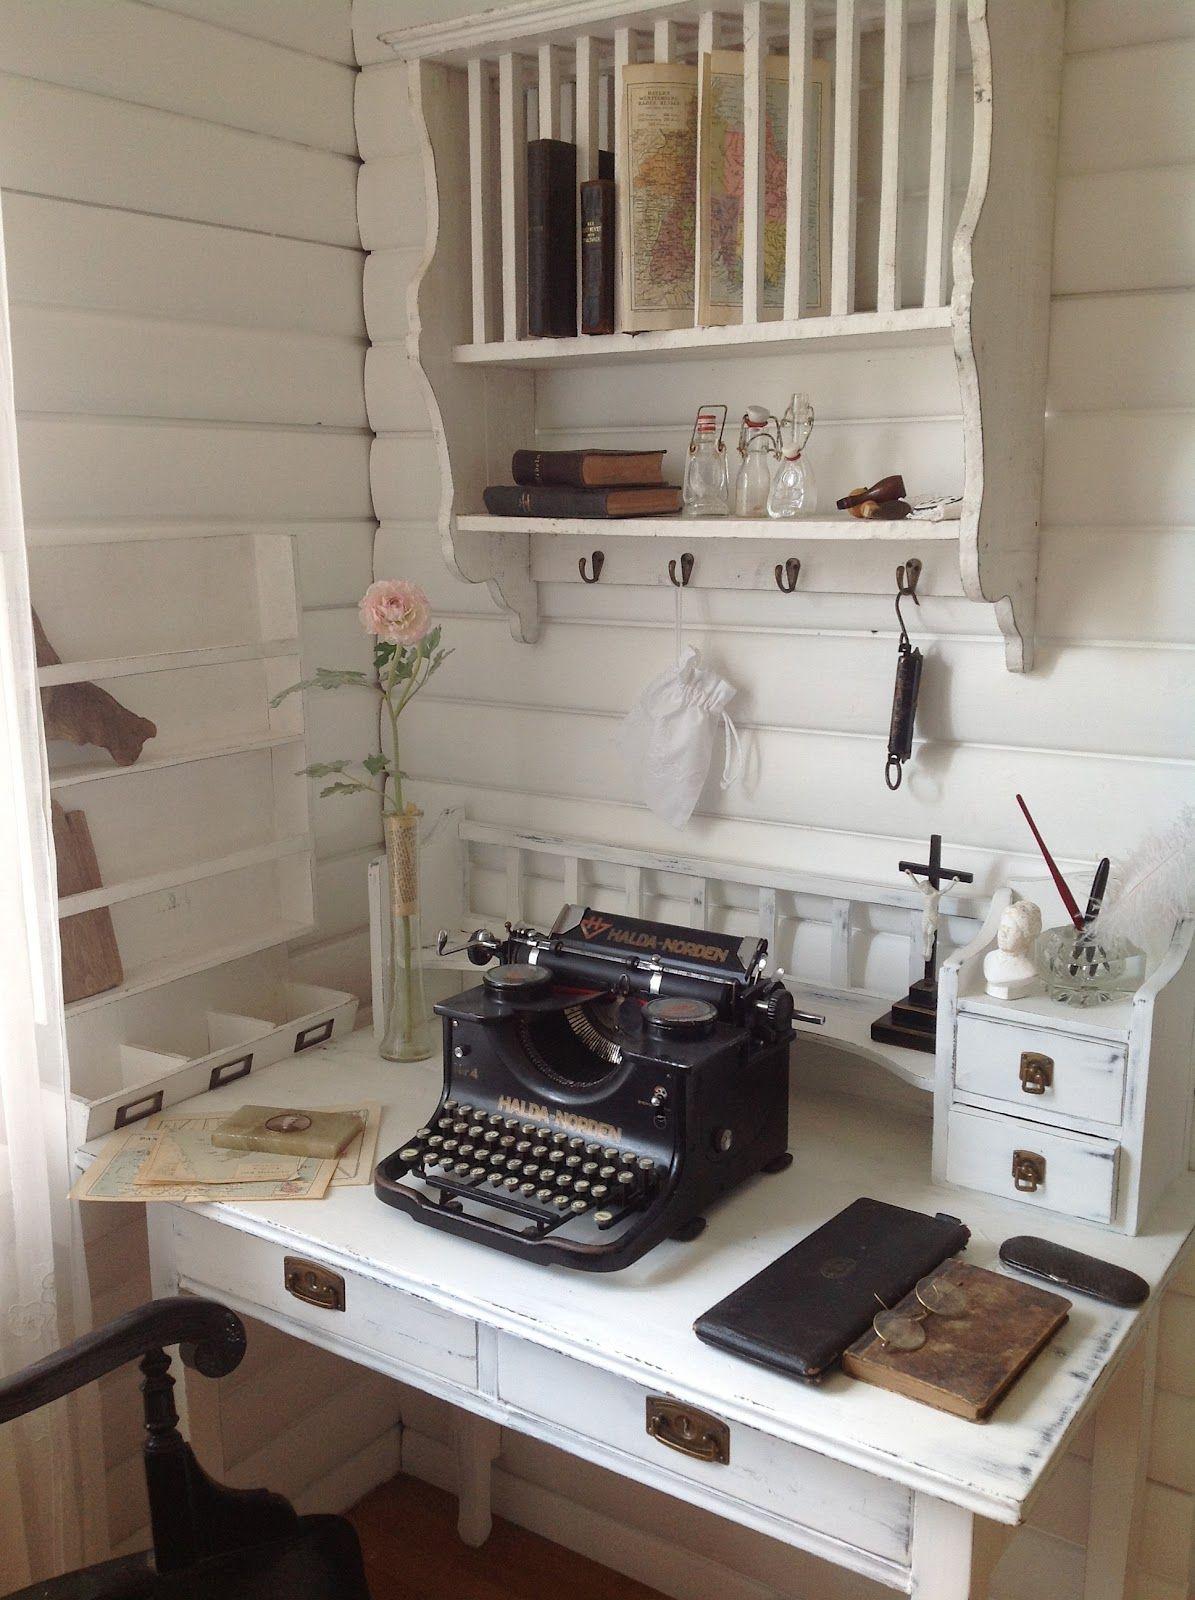 sch ne schreibmaschine f r den schreibtisch workspace pinterest schreibmaschine. Black Bedroom Furniture Sets. Home Design Ideas